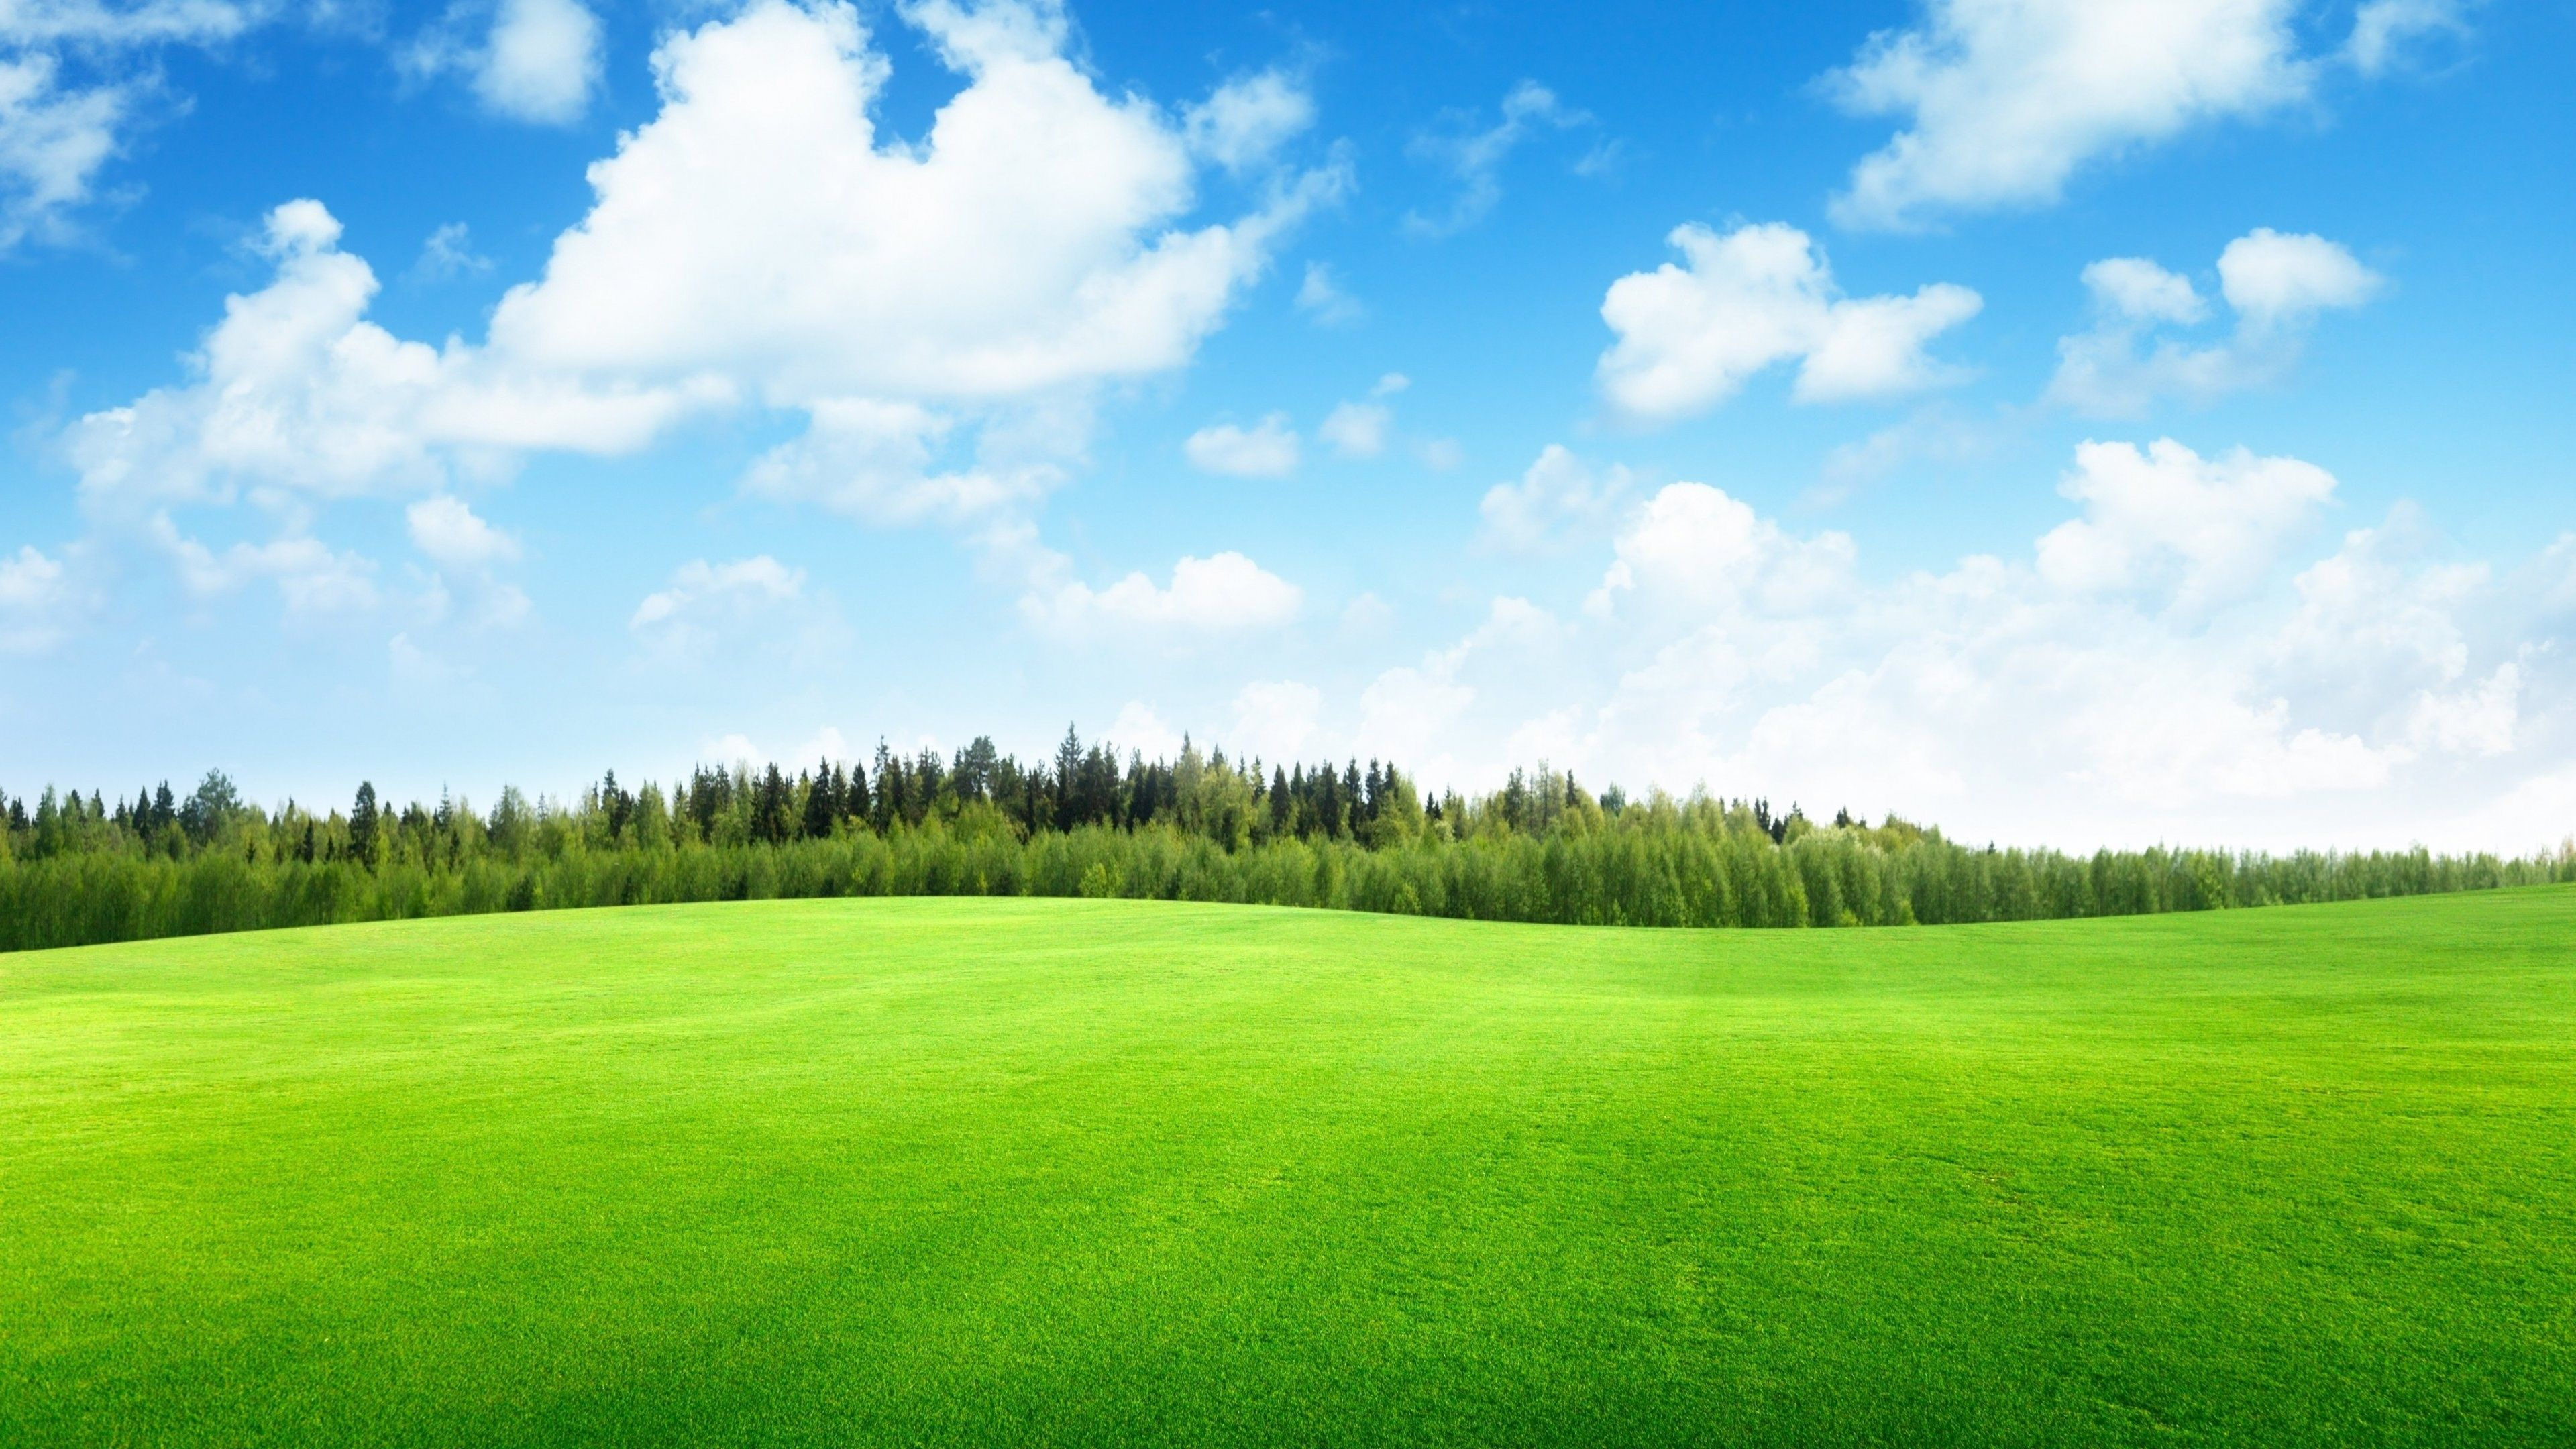 4k Landscape Hd Wallpaper 3840x2160 風景の壁紙 庭作りの